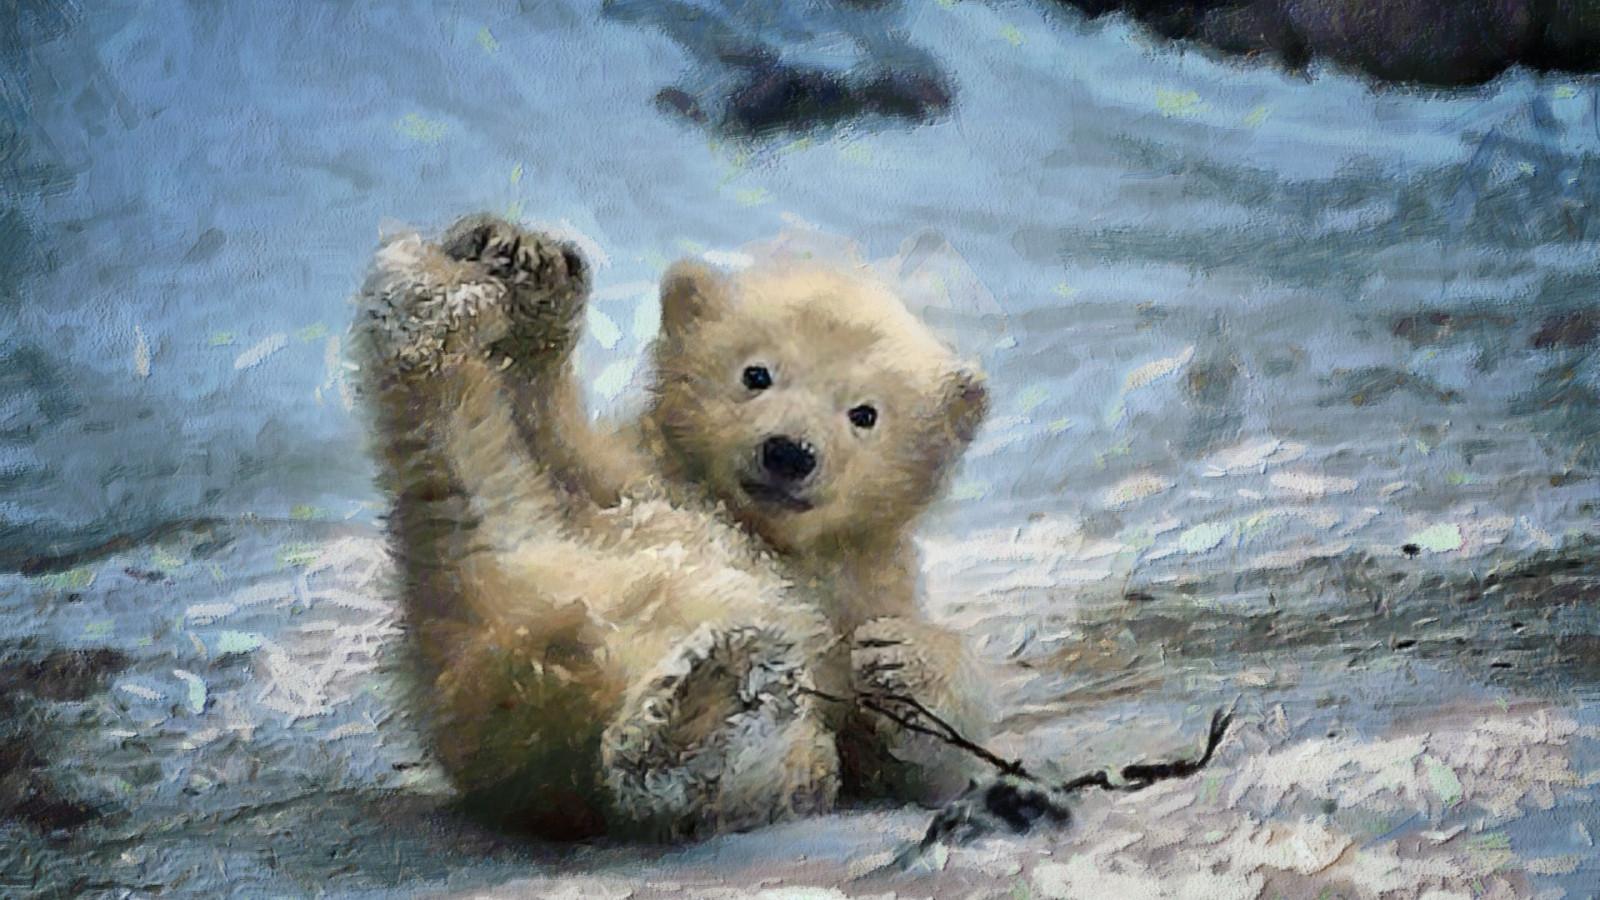 Masaüstü Boyama Dijital Sanat Hayvanlar Doğa Kar Kış Vahşi